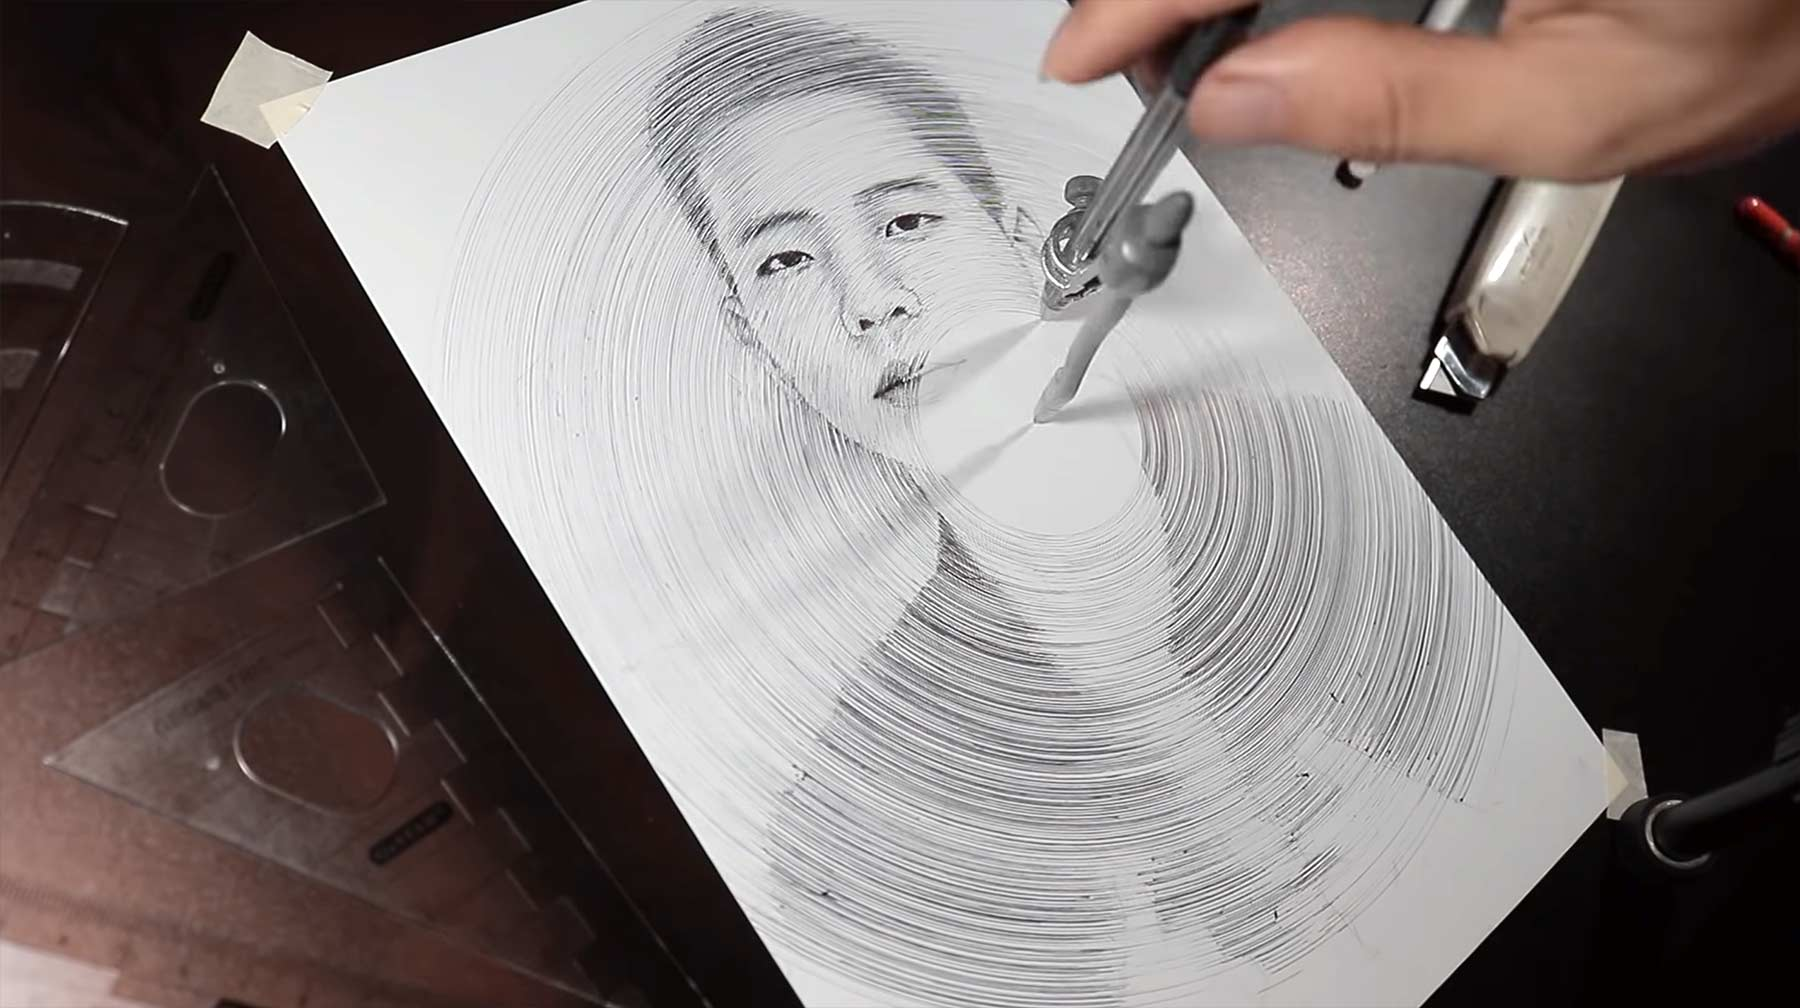 Mit einem Zirkel zeichnen mit-einem-zirkel-portrait-zeichnen